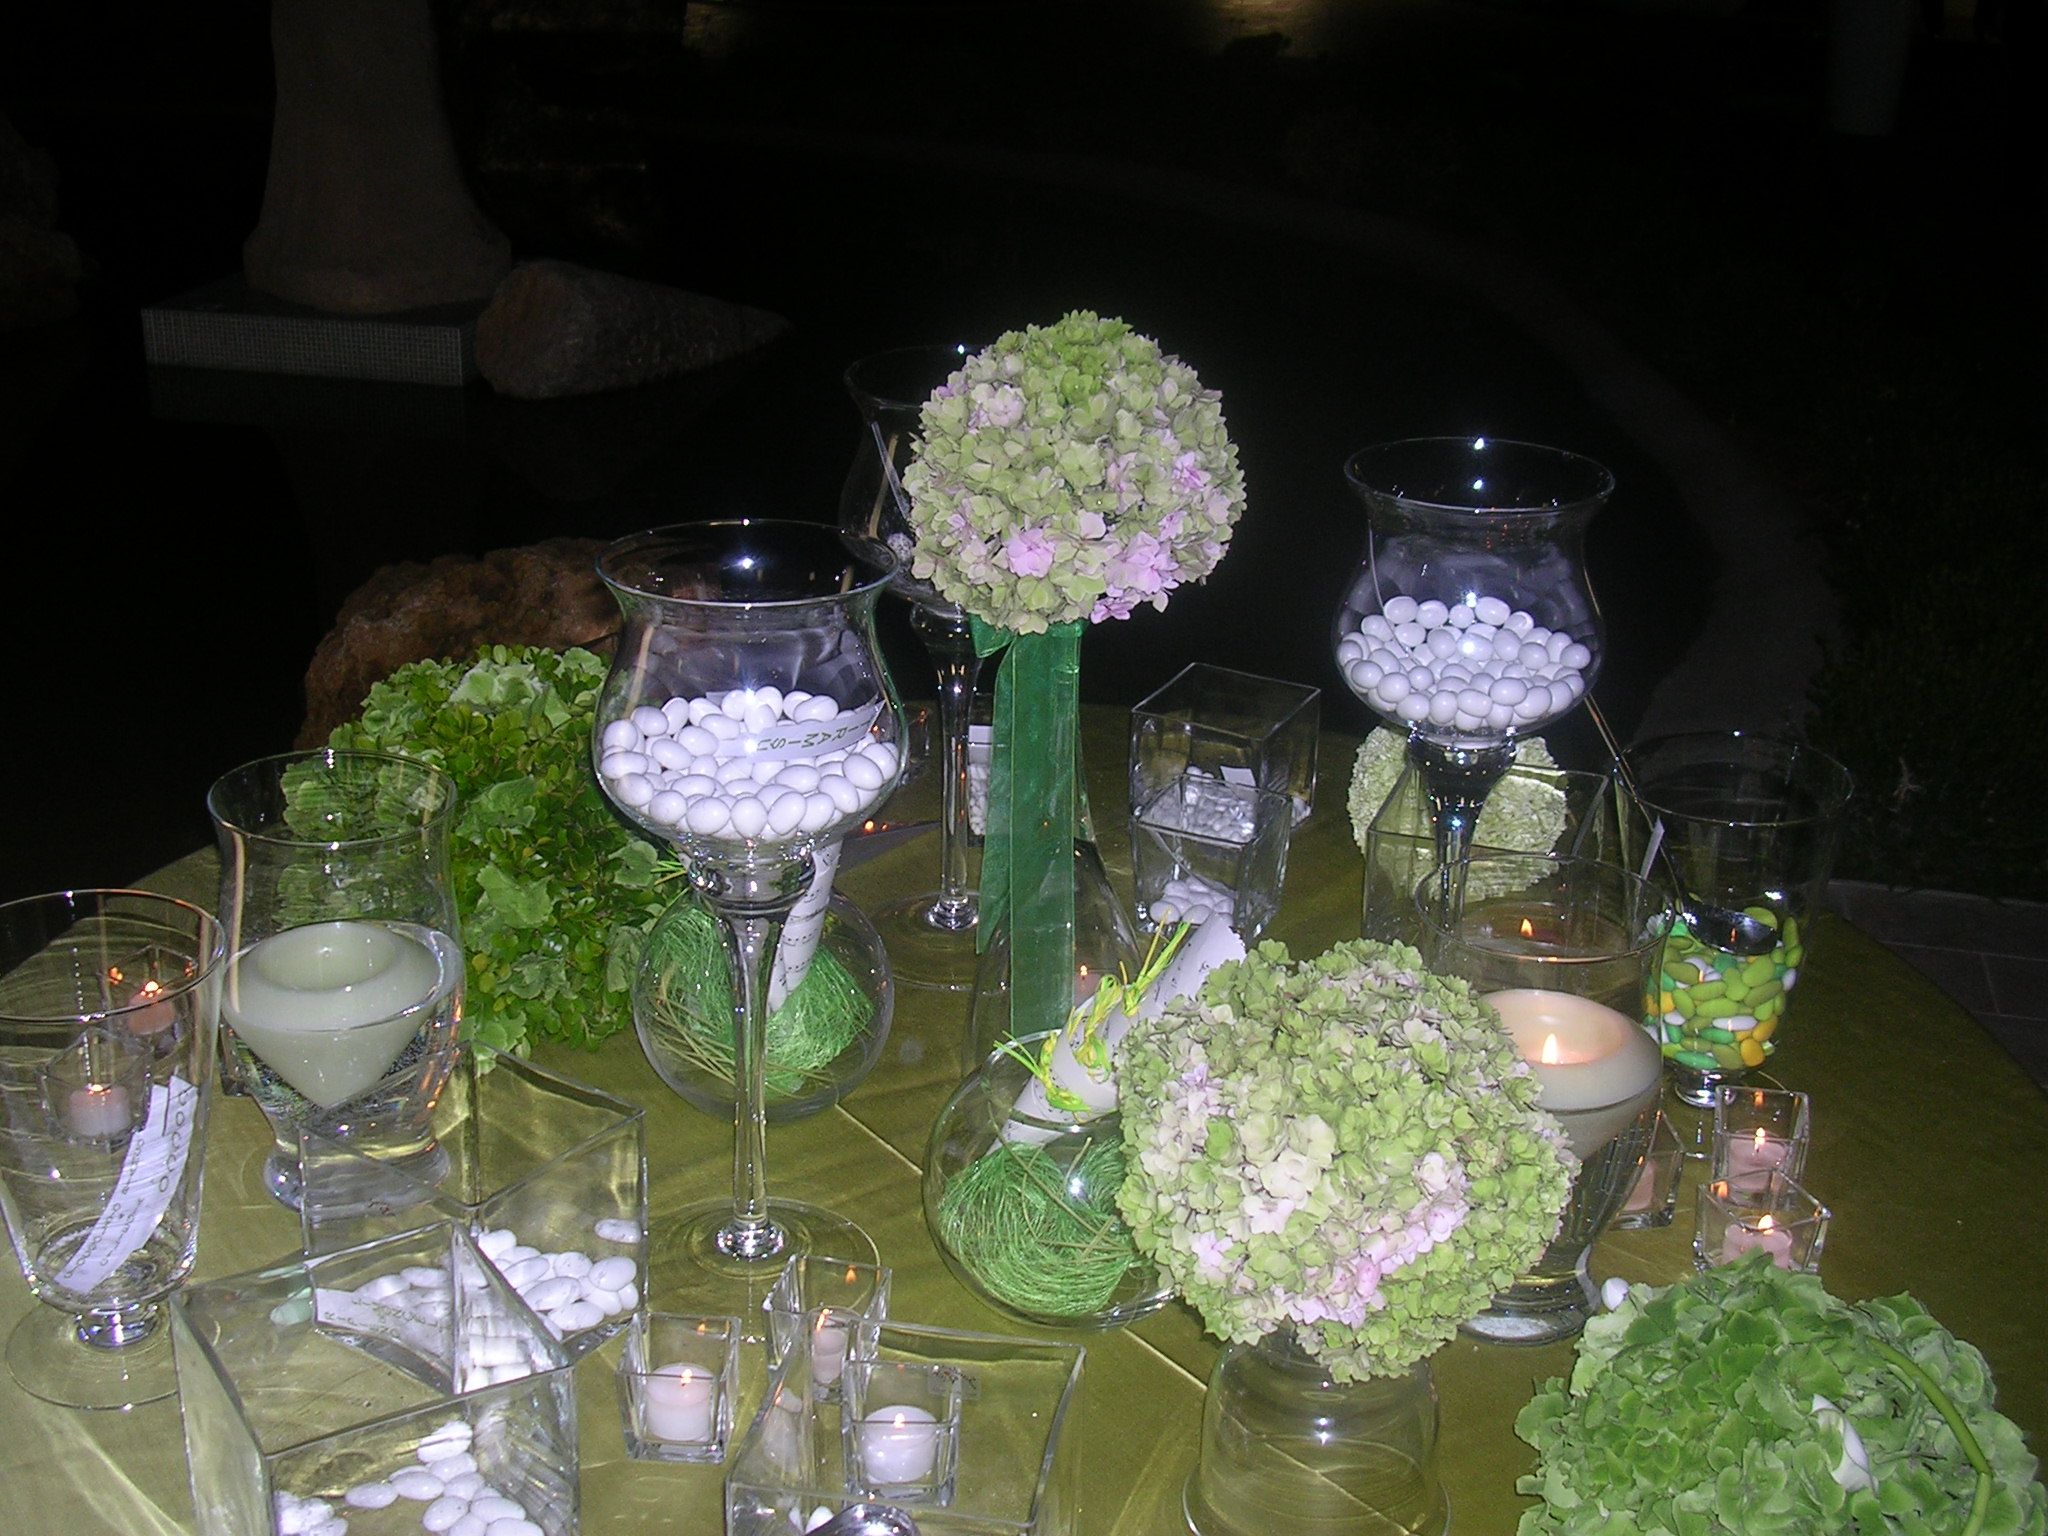 Tavolo Confettata ~ Tavolo confettata frazzitta fiori s n c da castellammare del